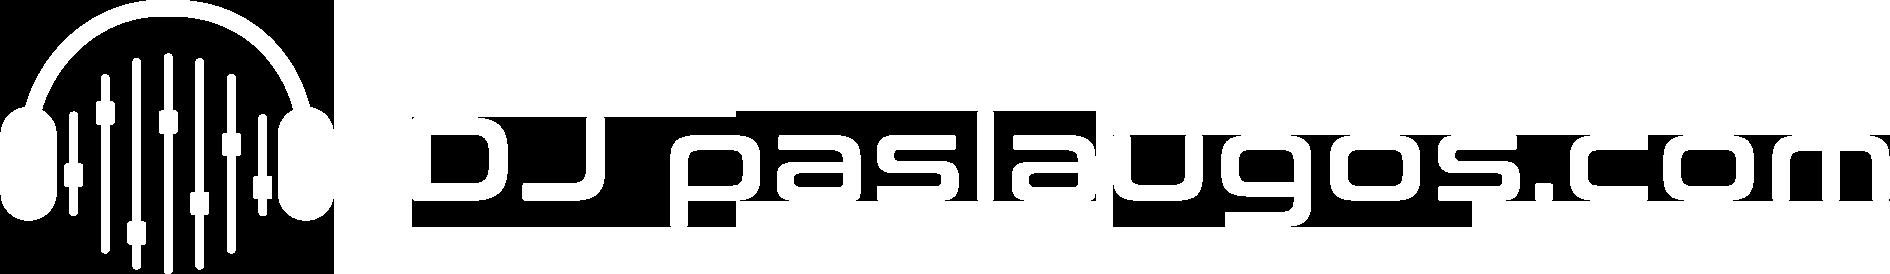 DJpaslaugos.com logo